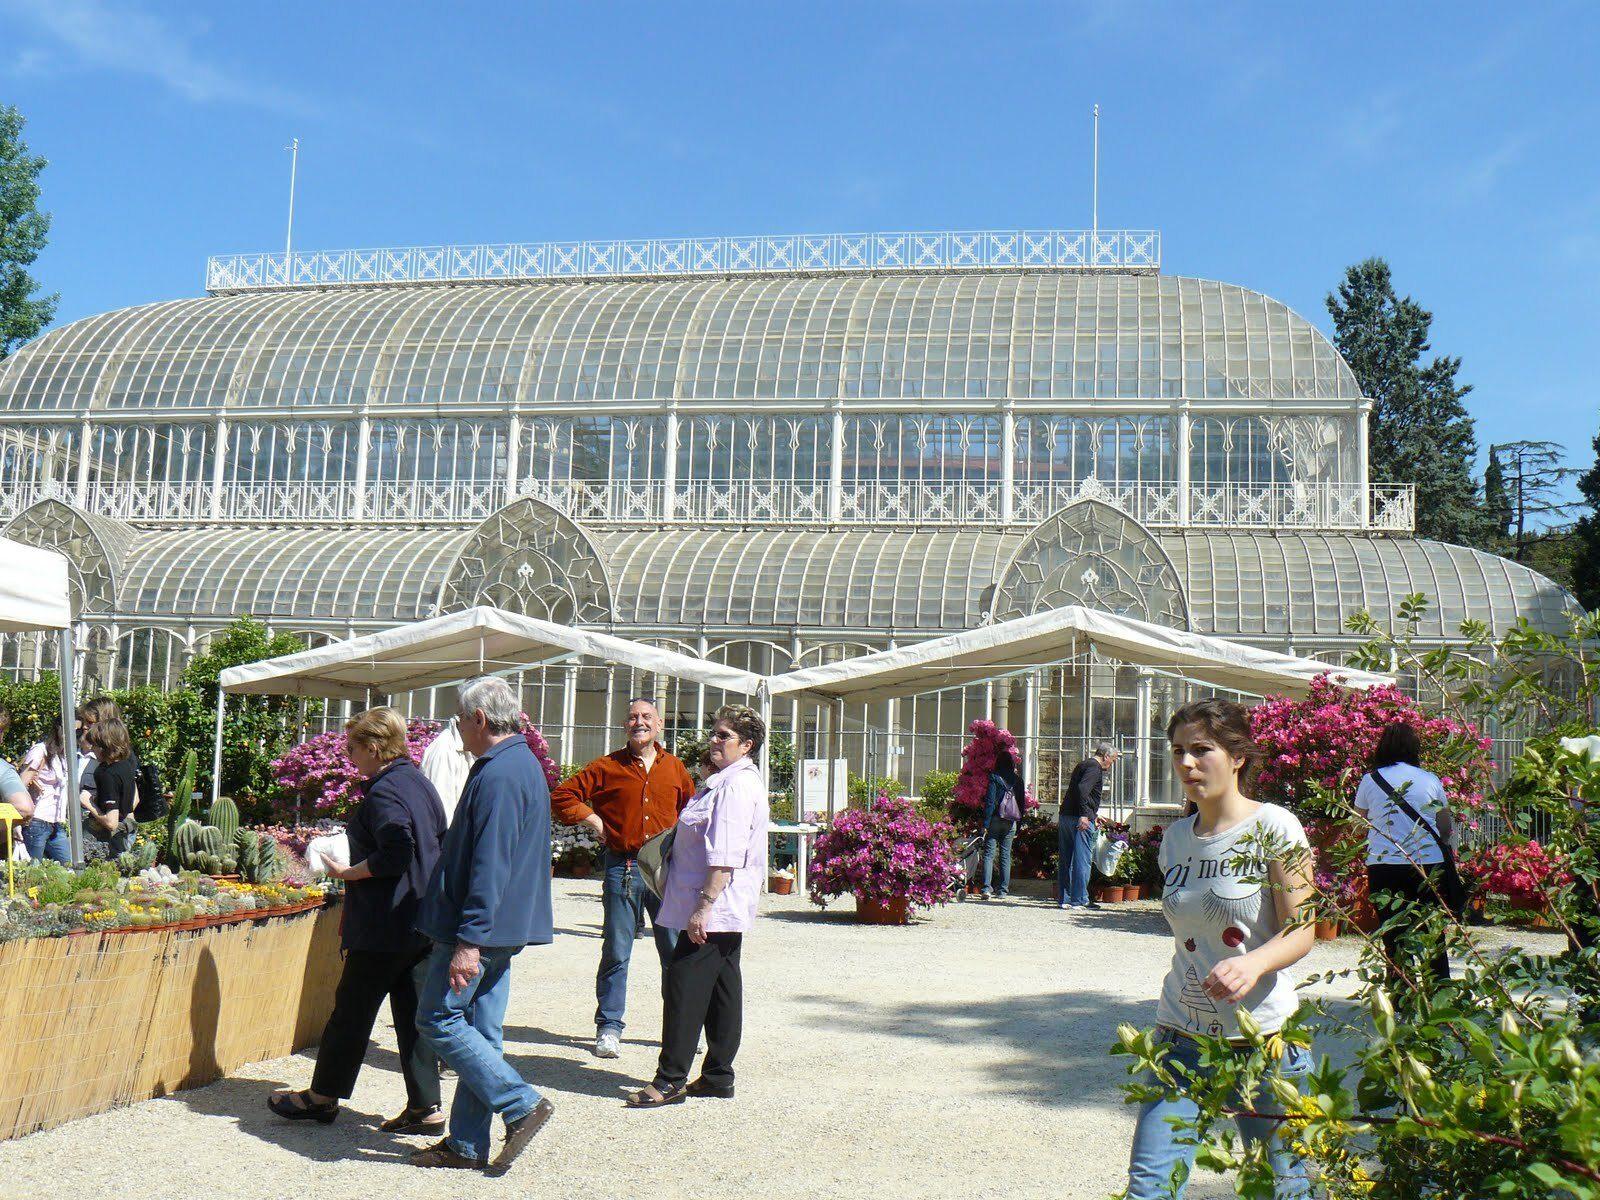 Orticoltura fiori e primavera a firenze viaggi low cost - Giardino dell orticoltura firenze ...